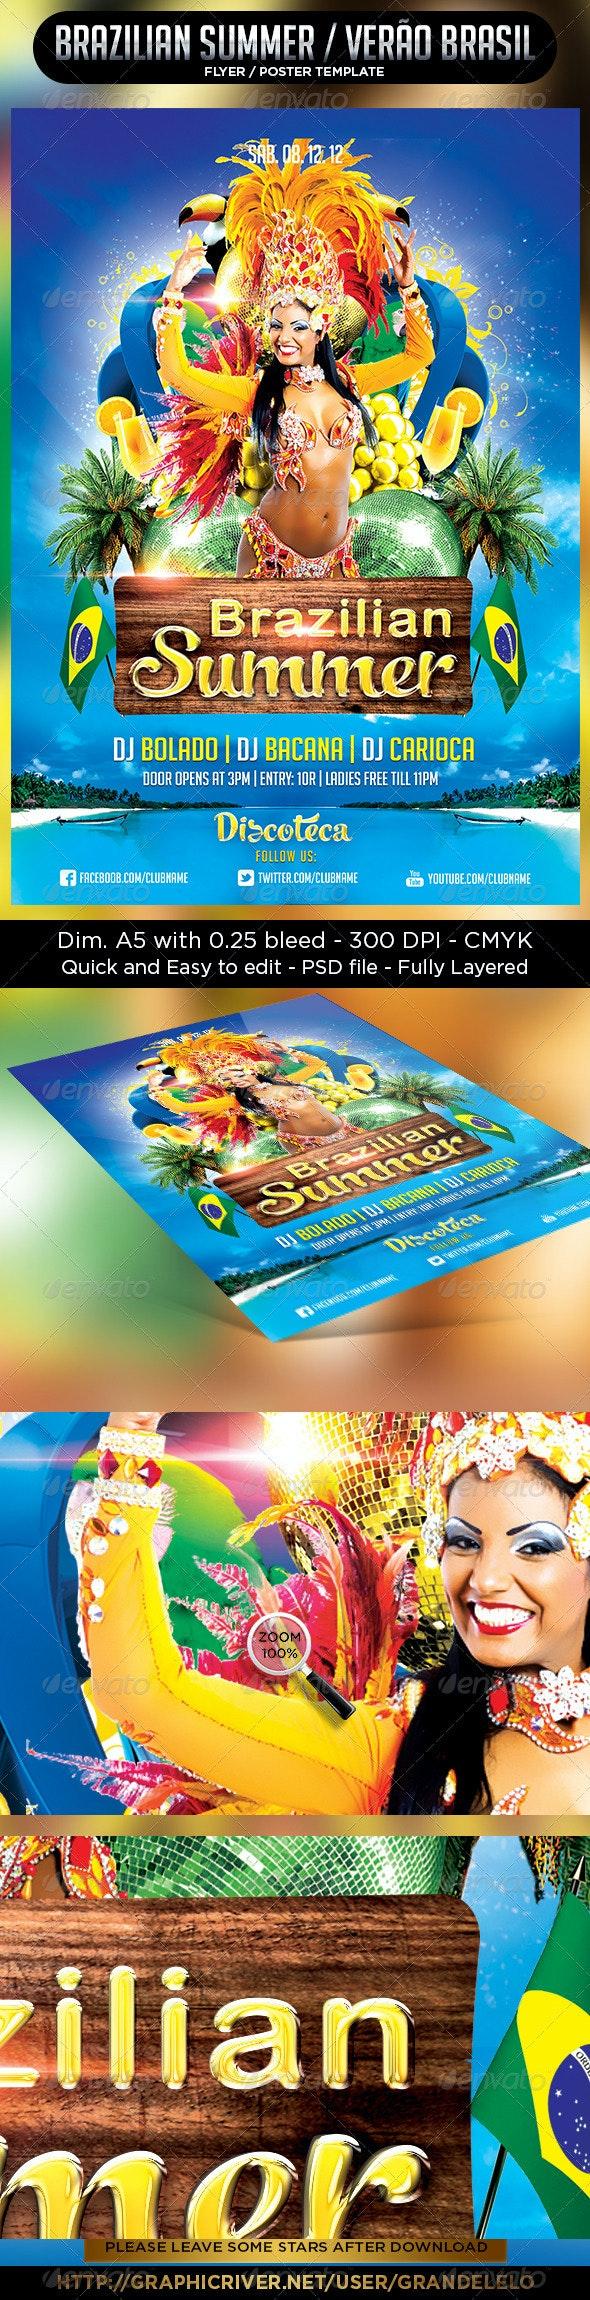 Brazilian Summer Flyer Template - Clubs & Parties Events